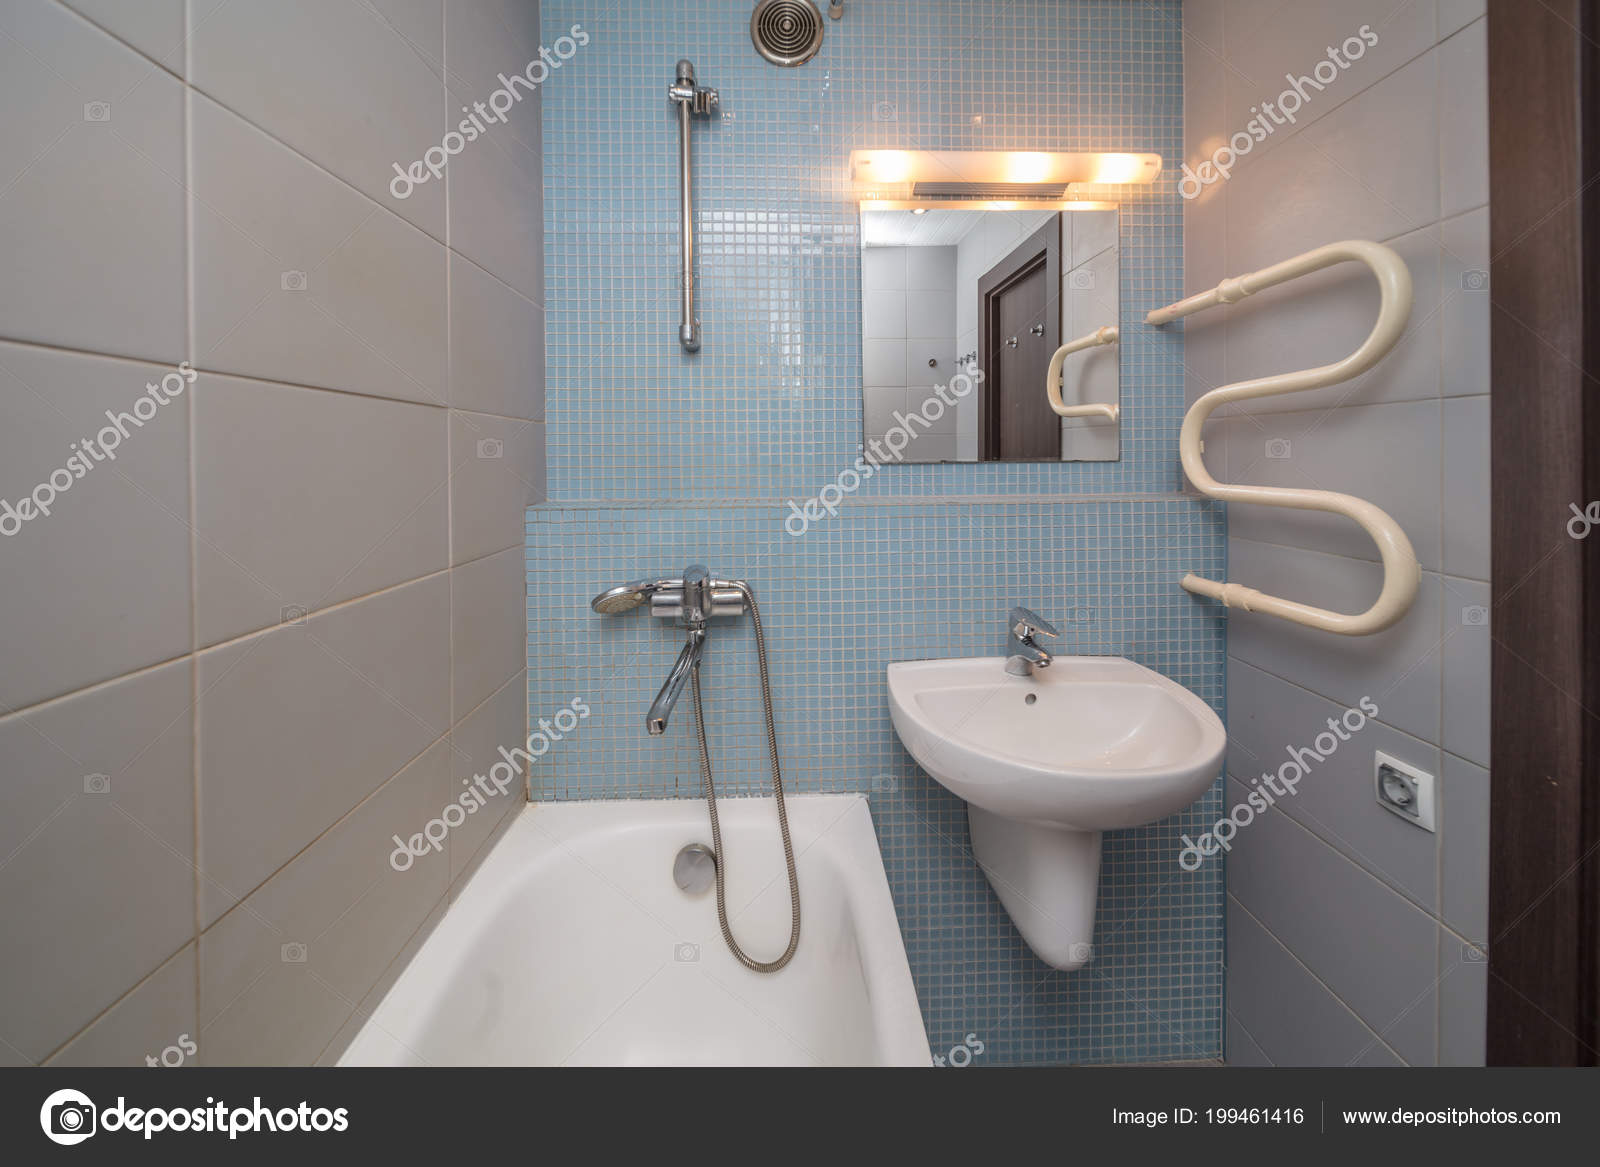 Azulejo Gris Pequeño Cuarto Baño Con Bañera Lavabo — Fotos de Stock ...